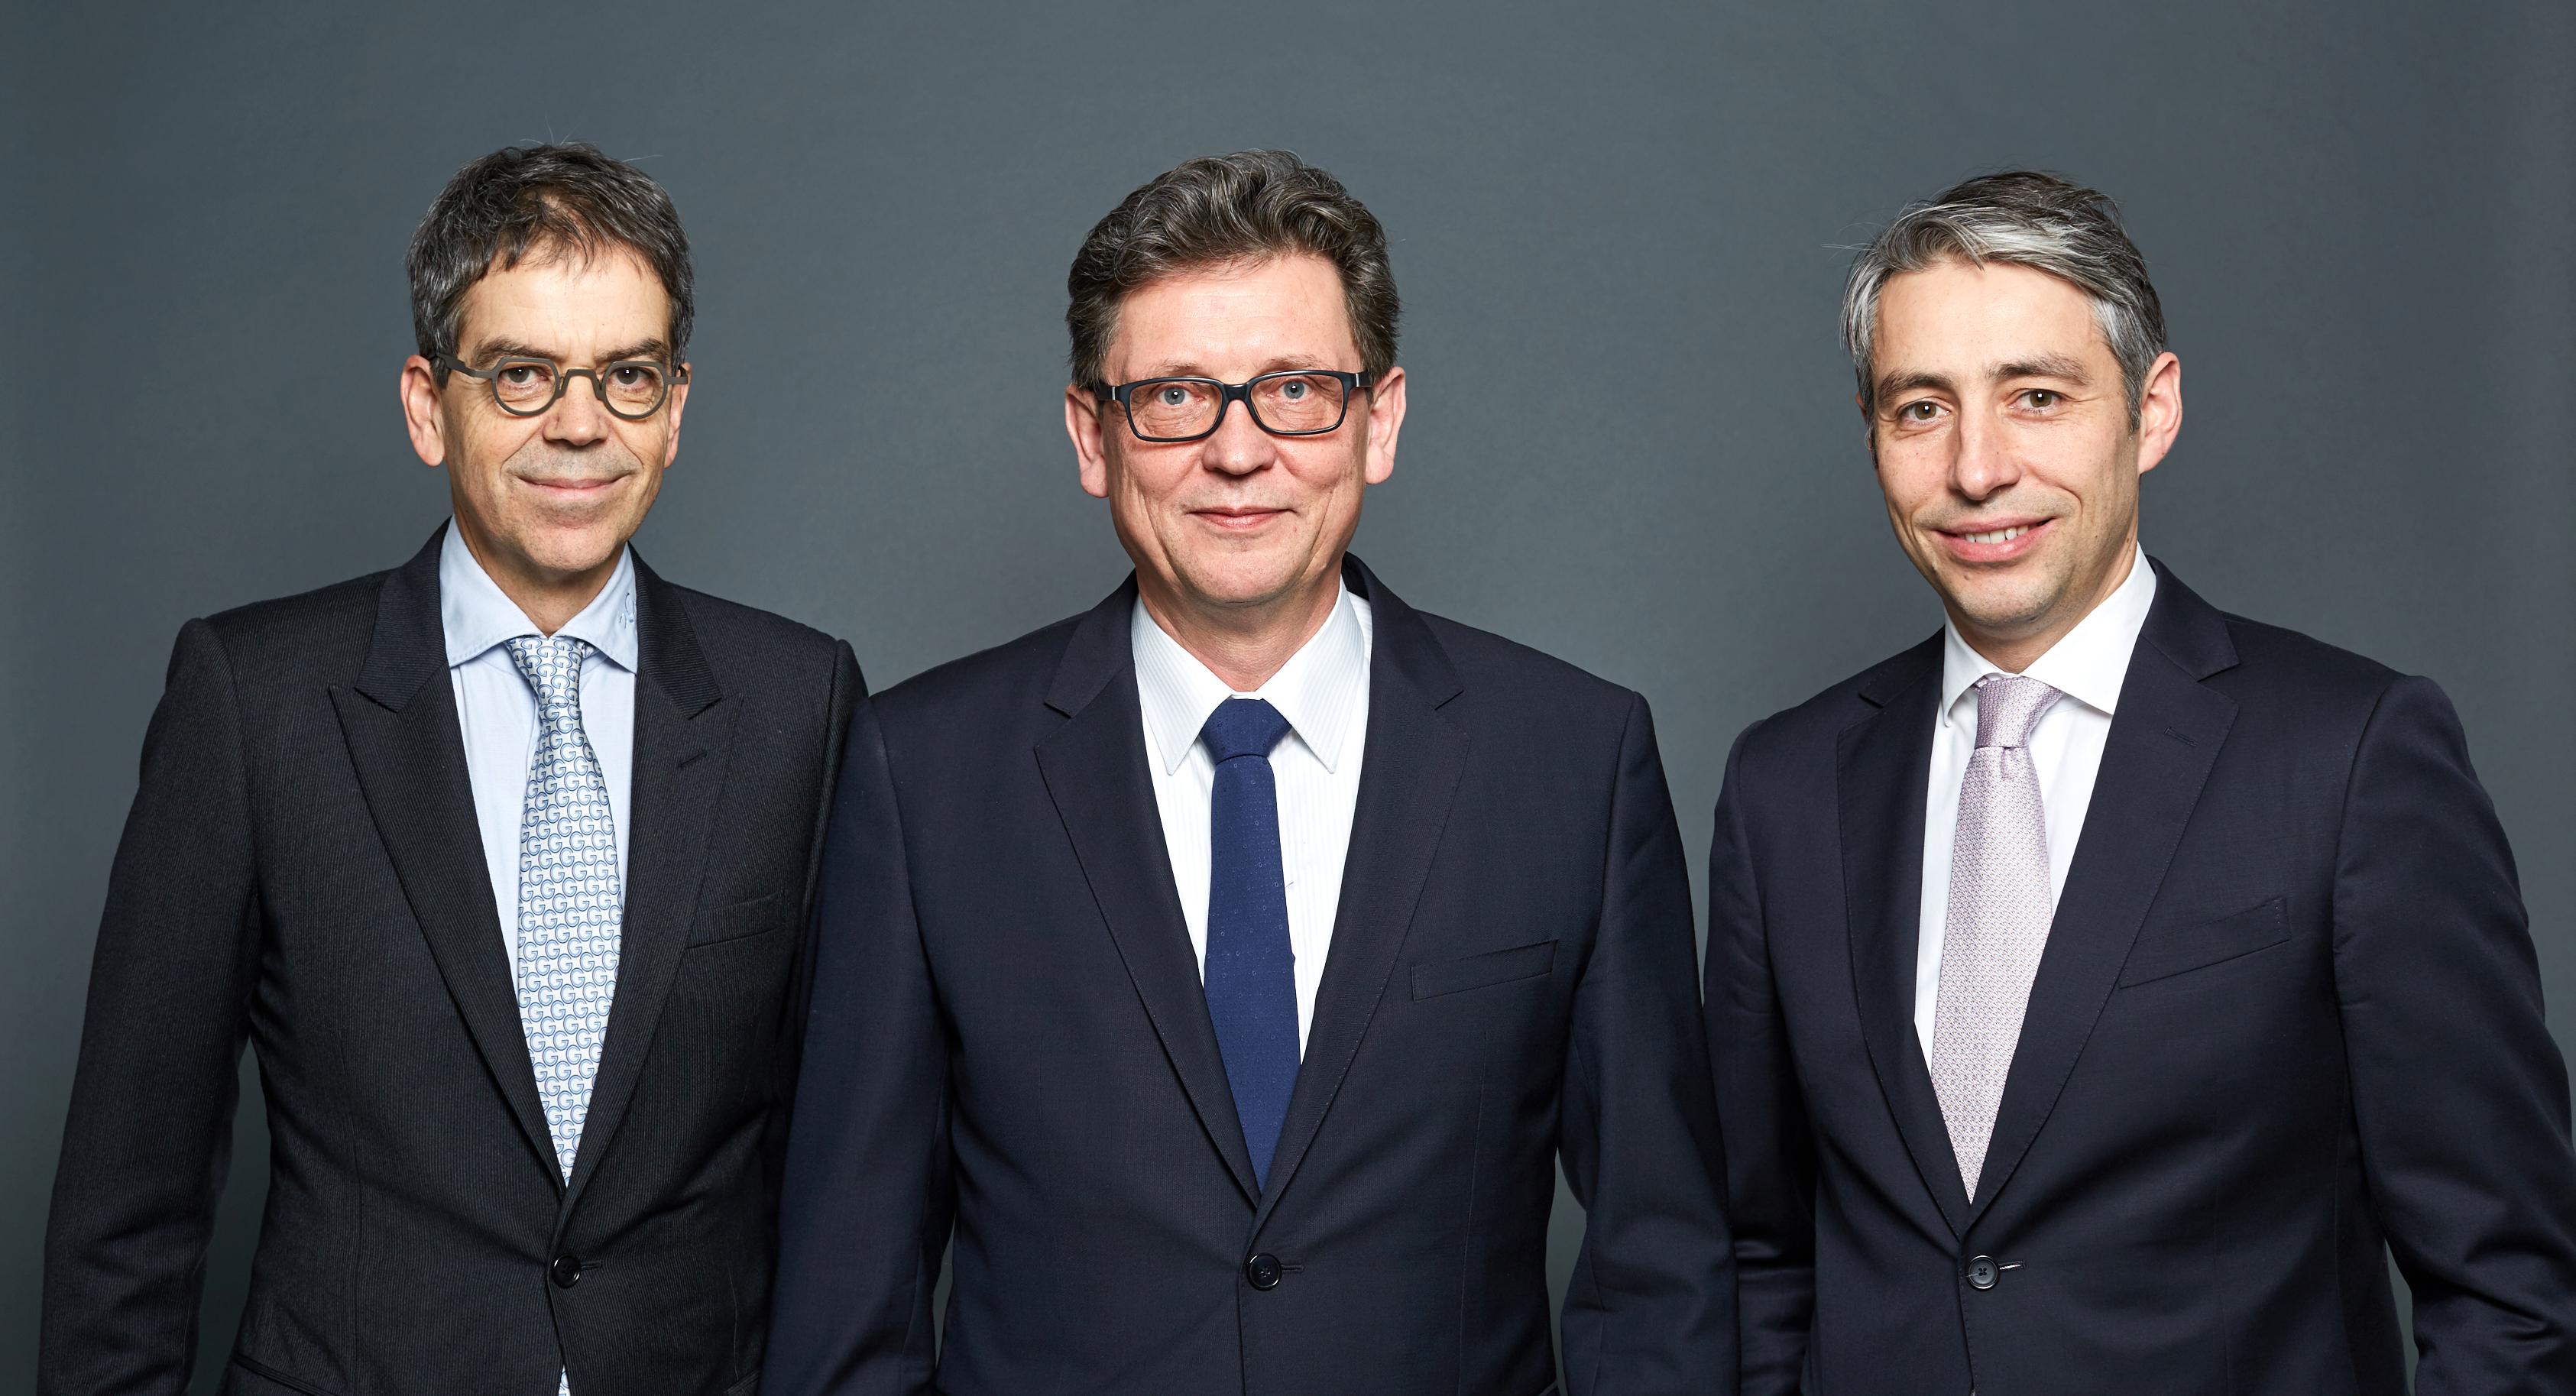 Daniel Böhm micmamainz schwerpunkt medizin für minimal invasive chirurgie